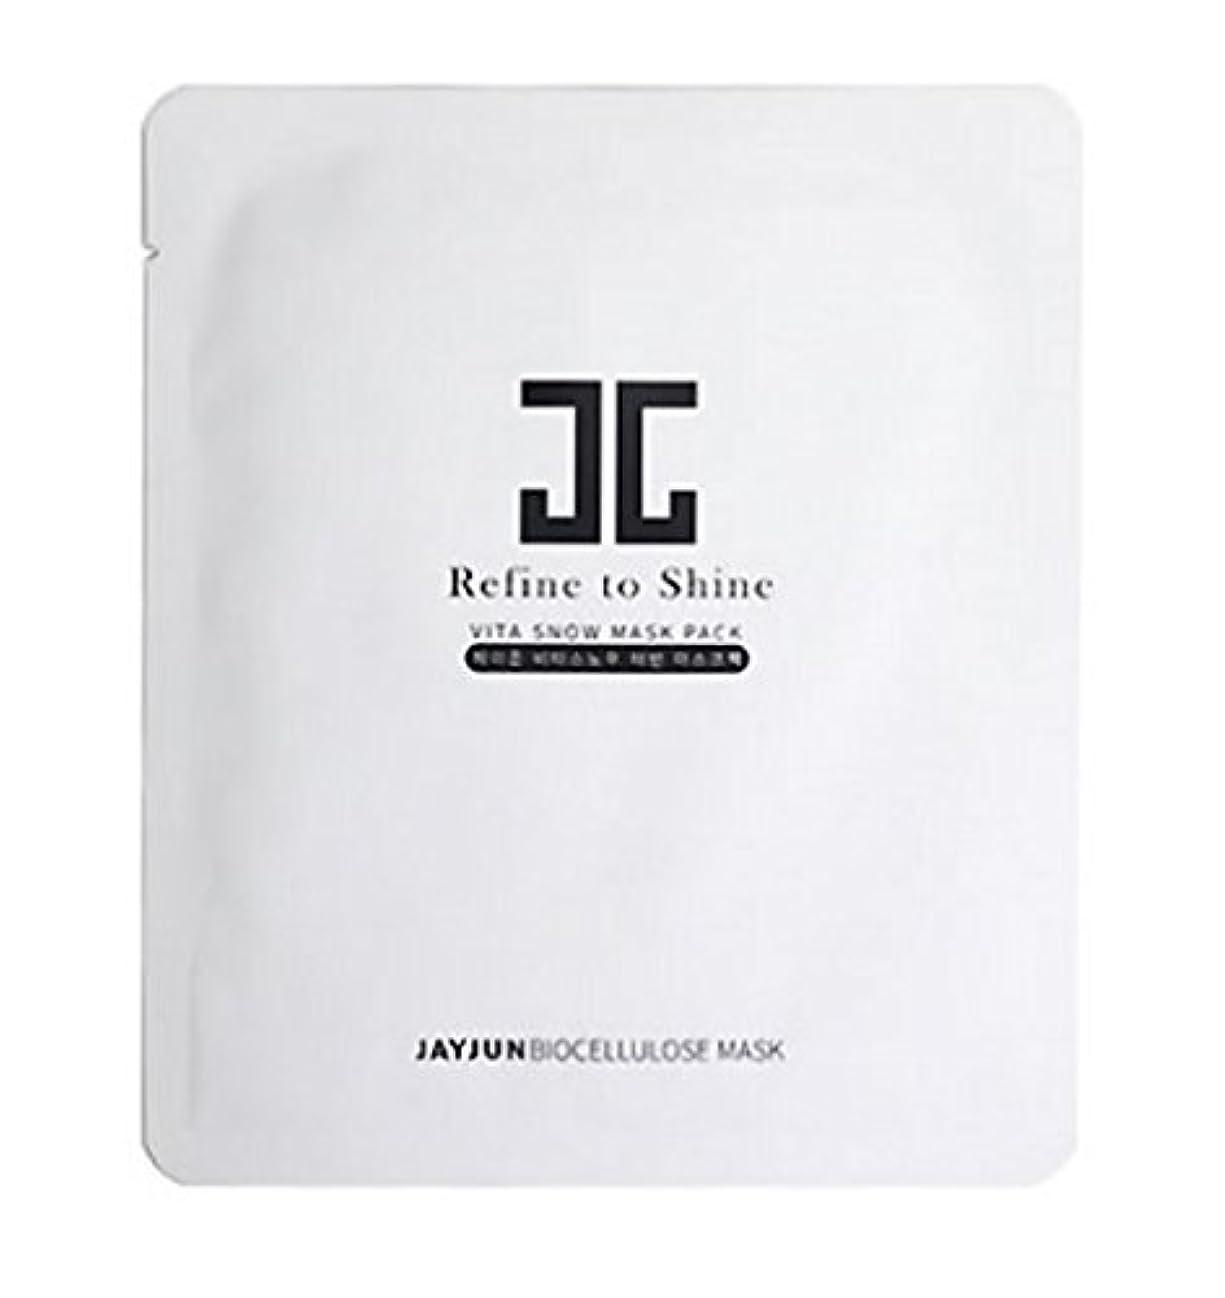 結び目小麦粉わなJAYJUN ジェイジュン ヴィタスノー プレミアム バイオセルロース プラセンタフェイシャルマスク[5枚入り]Vita Snow Premium Bio Cellulose placenta Facial Mask [...